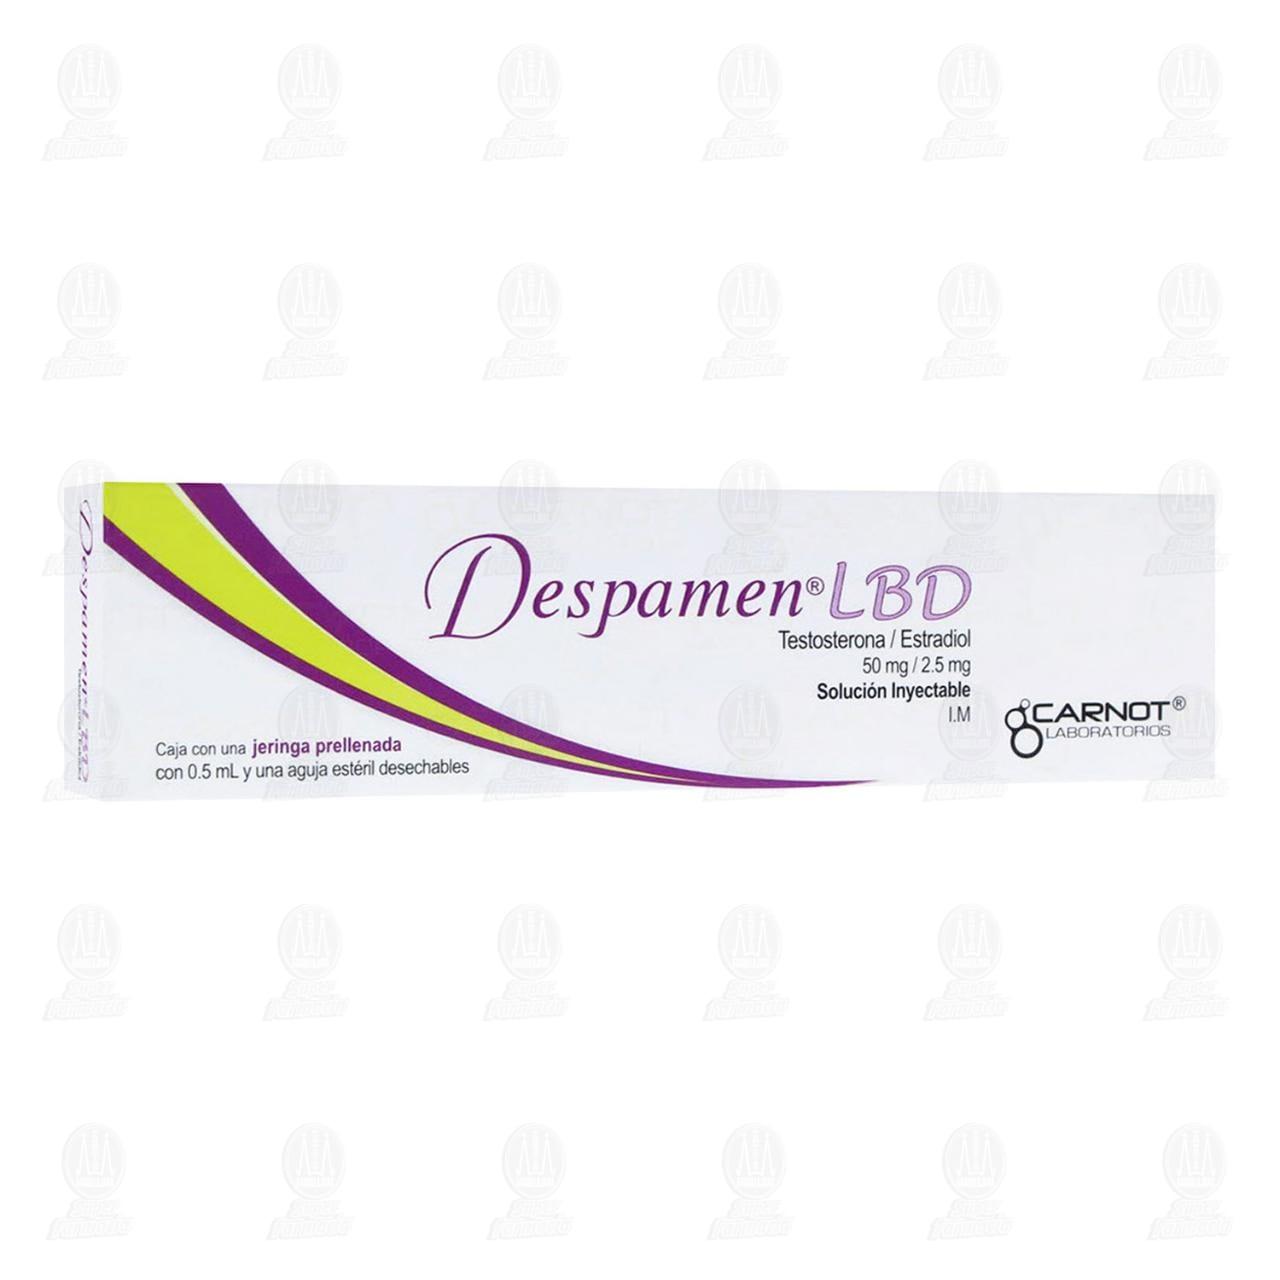 Comprar Despamen LBD 50mg/2.5mg Solución Inyectable 1 Jeringa Prellenada con 0.5ml y 1 Aguja Estéril Desechable en Farmacias Guadalajara